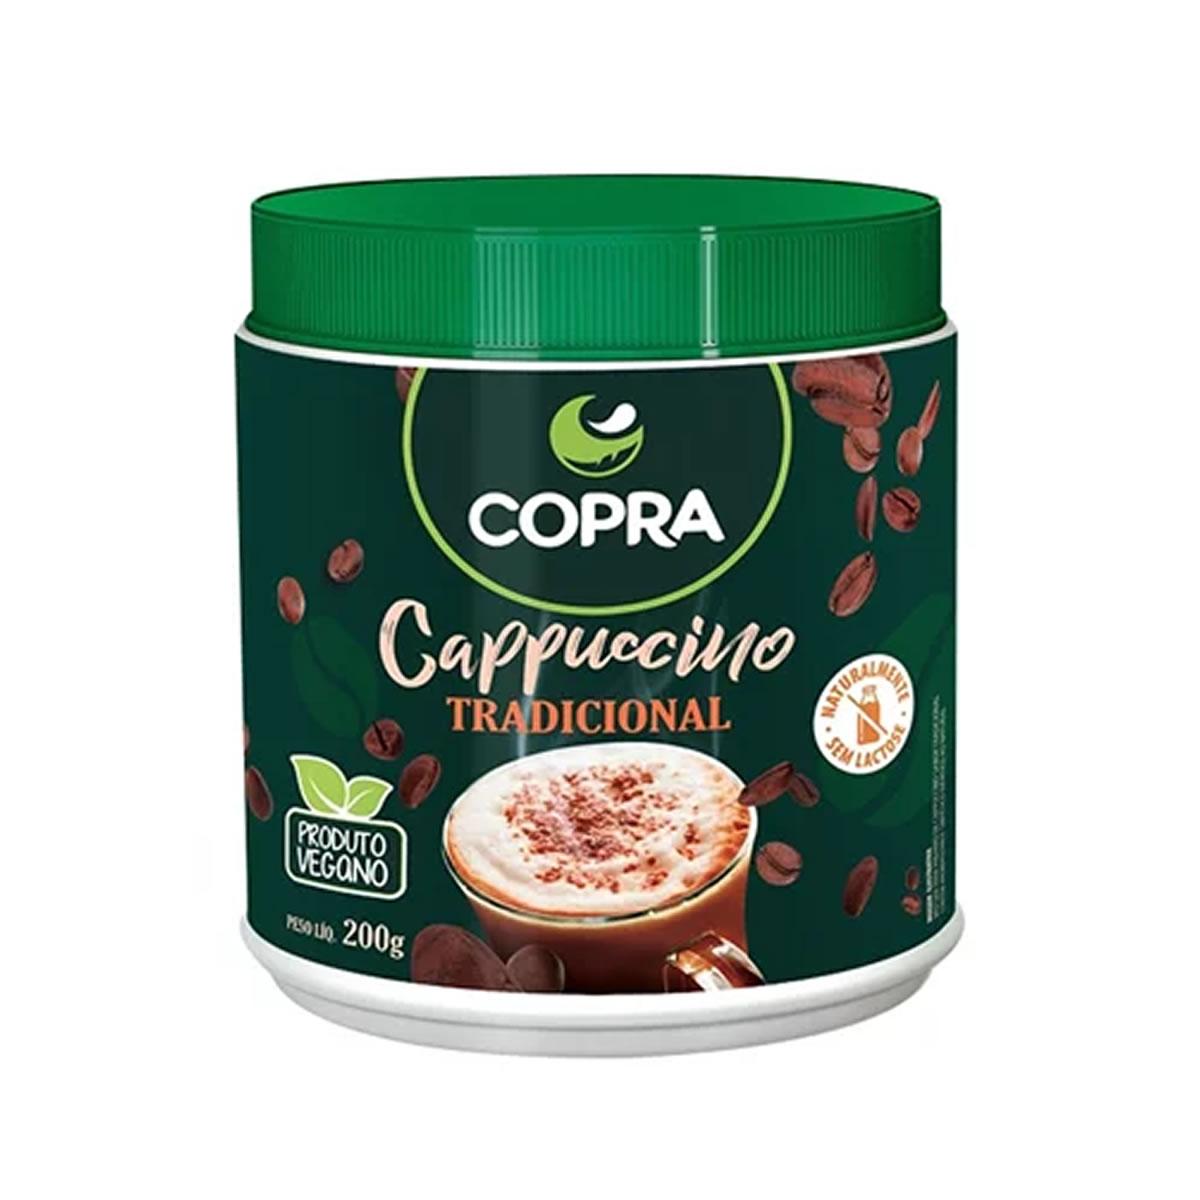 Cappuccino Tradicional 200g - Copra